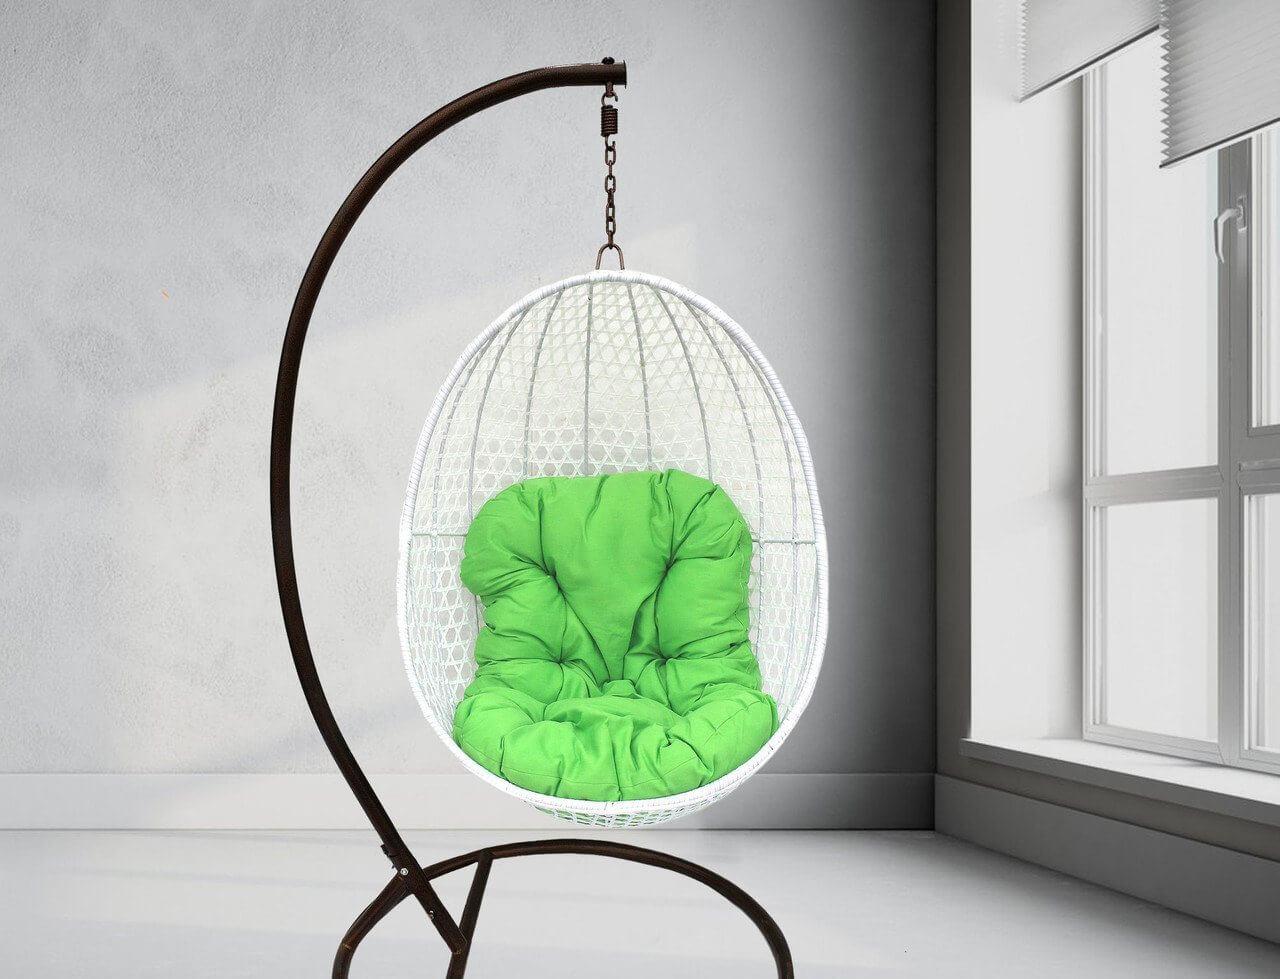 Кресло яйцо - виды моделей и особенности | фото